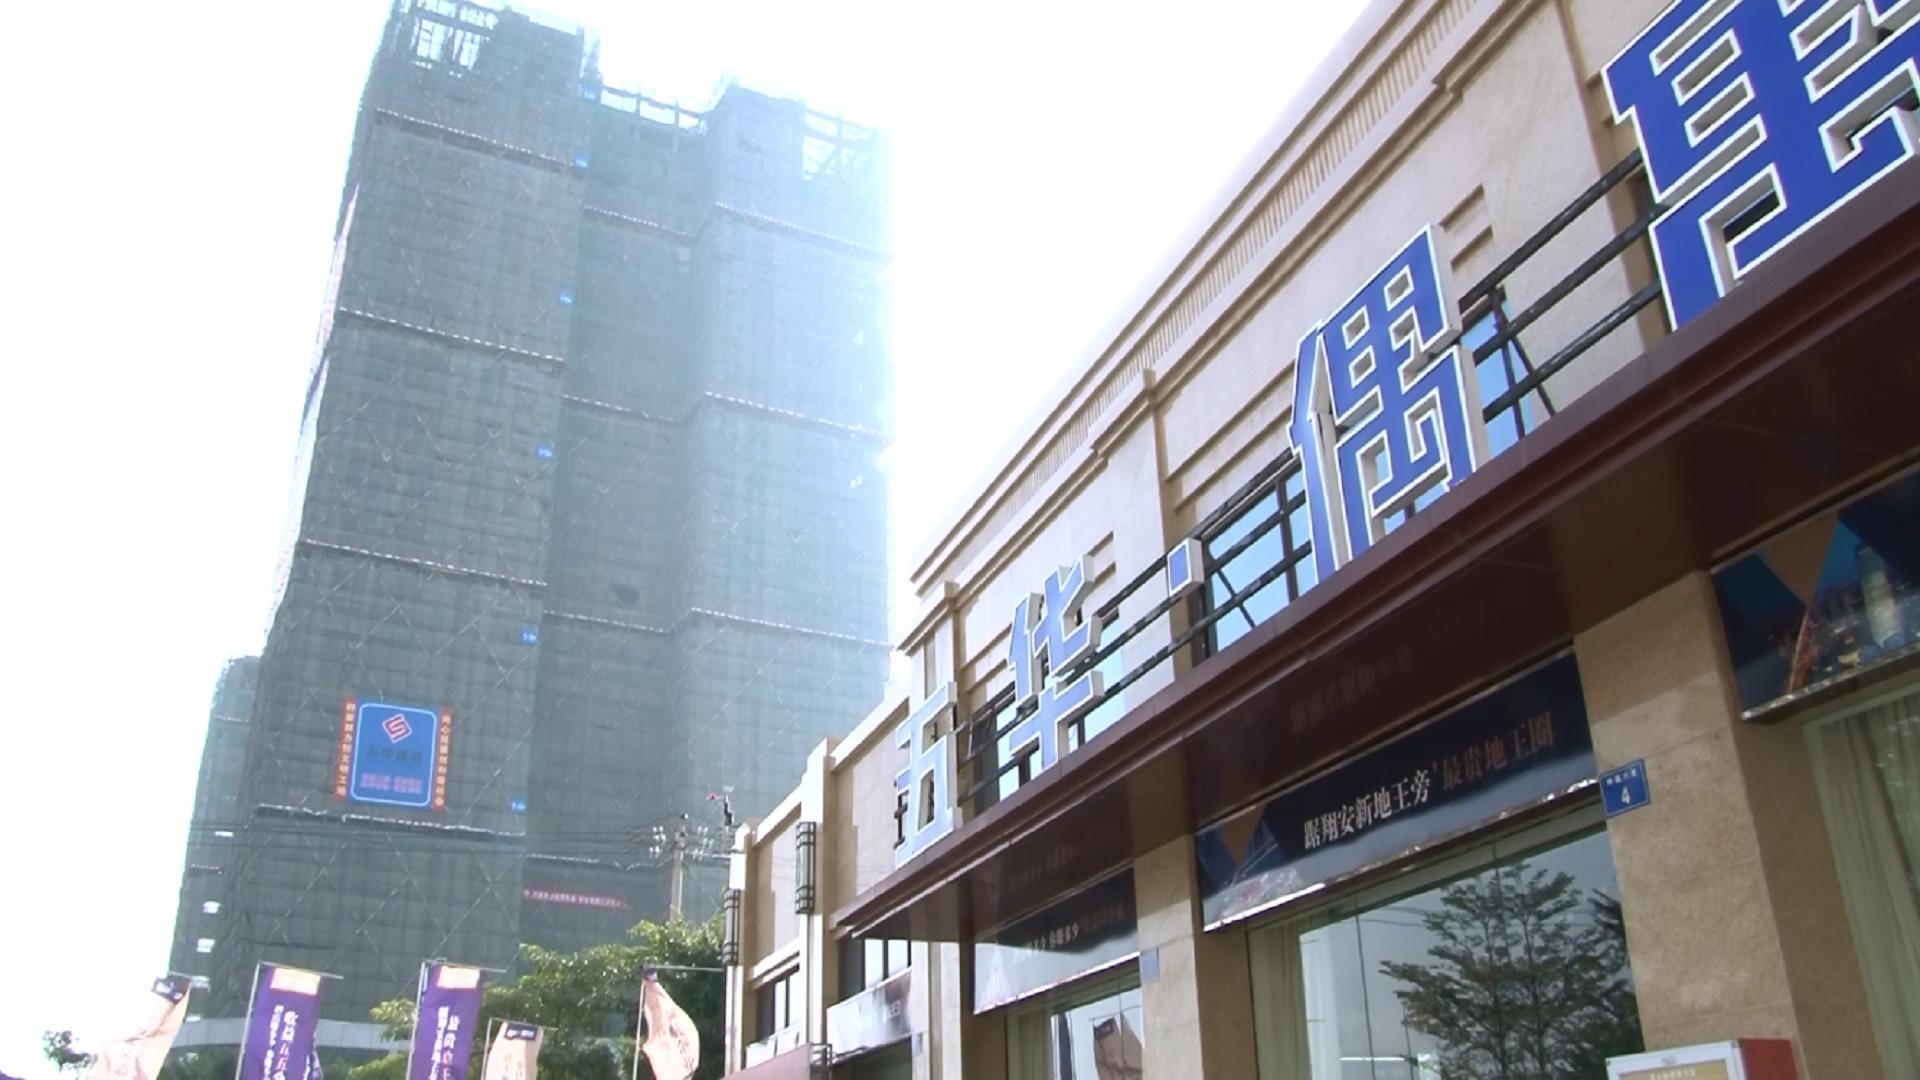 五华偶寓:翔安正中心 5米挑高复试soho